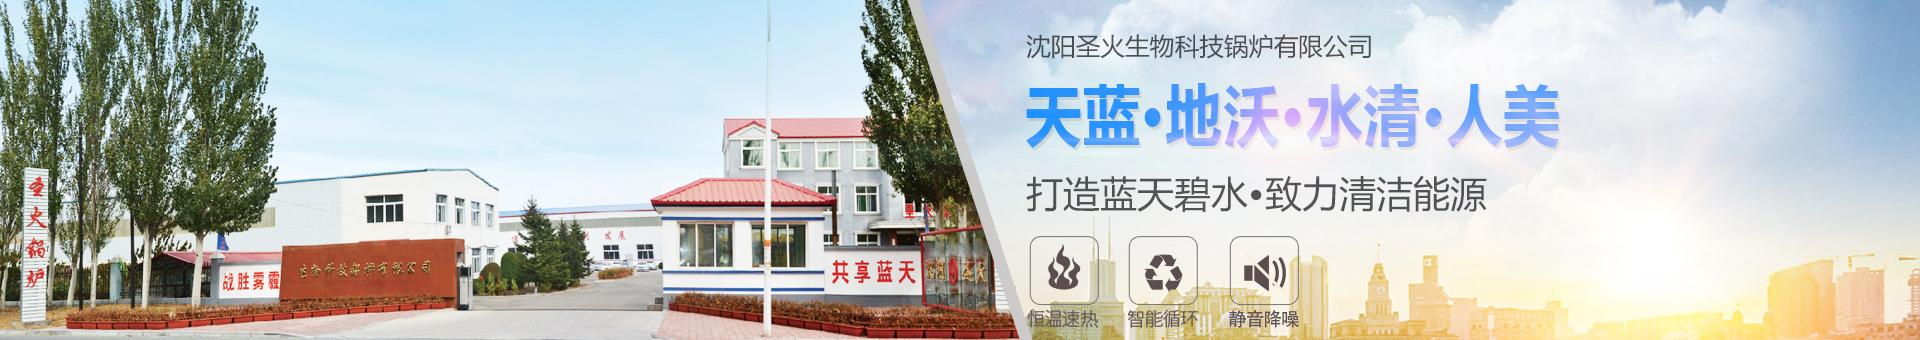 沈阳圣火生物科技锅炉有限公司